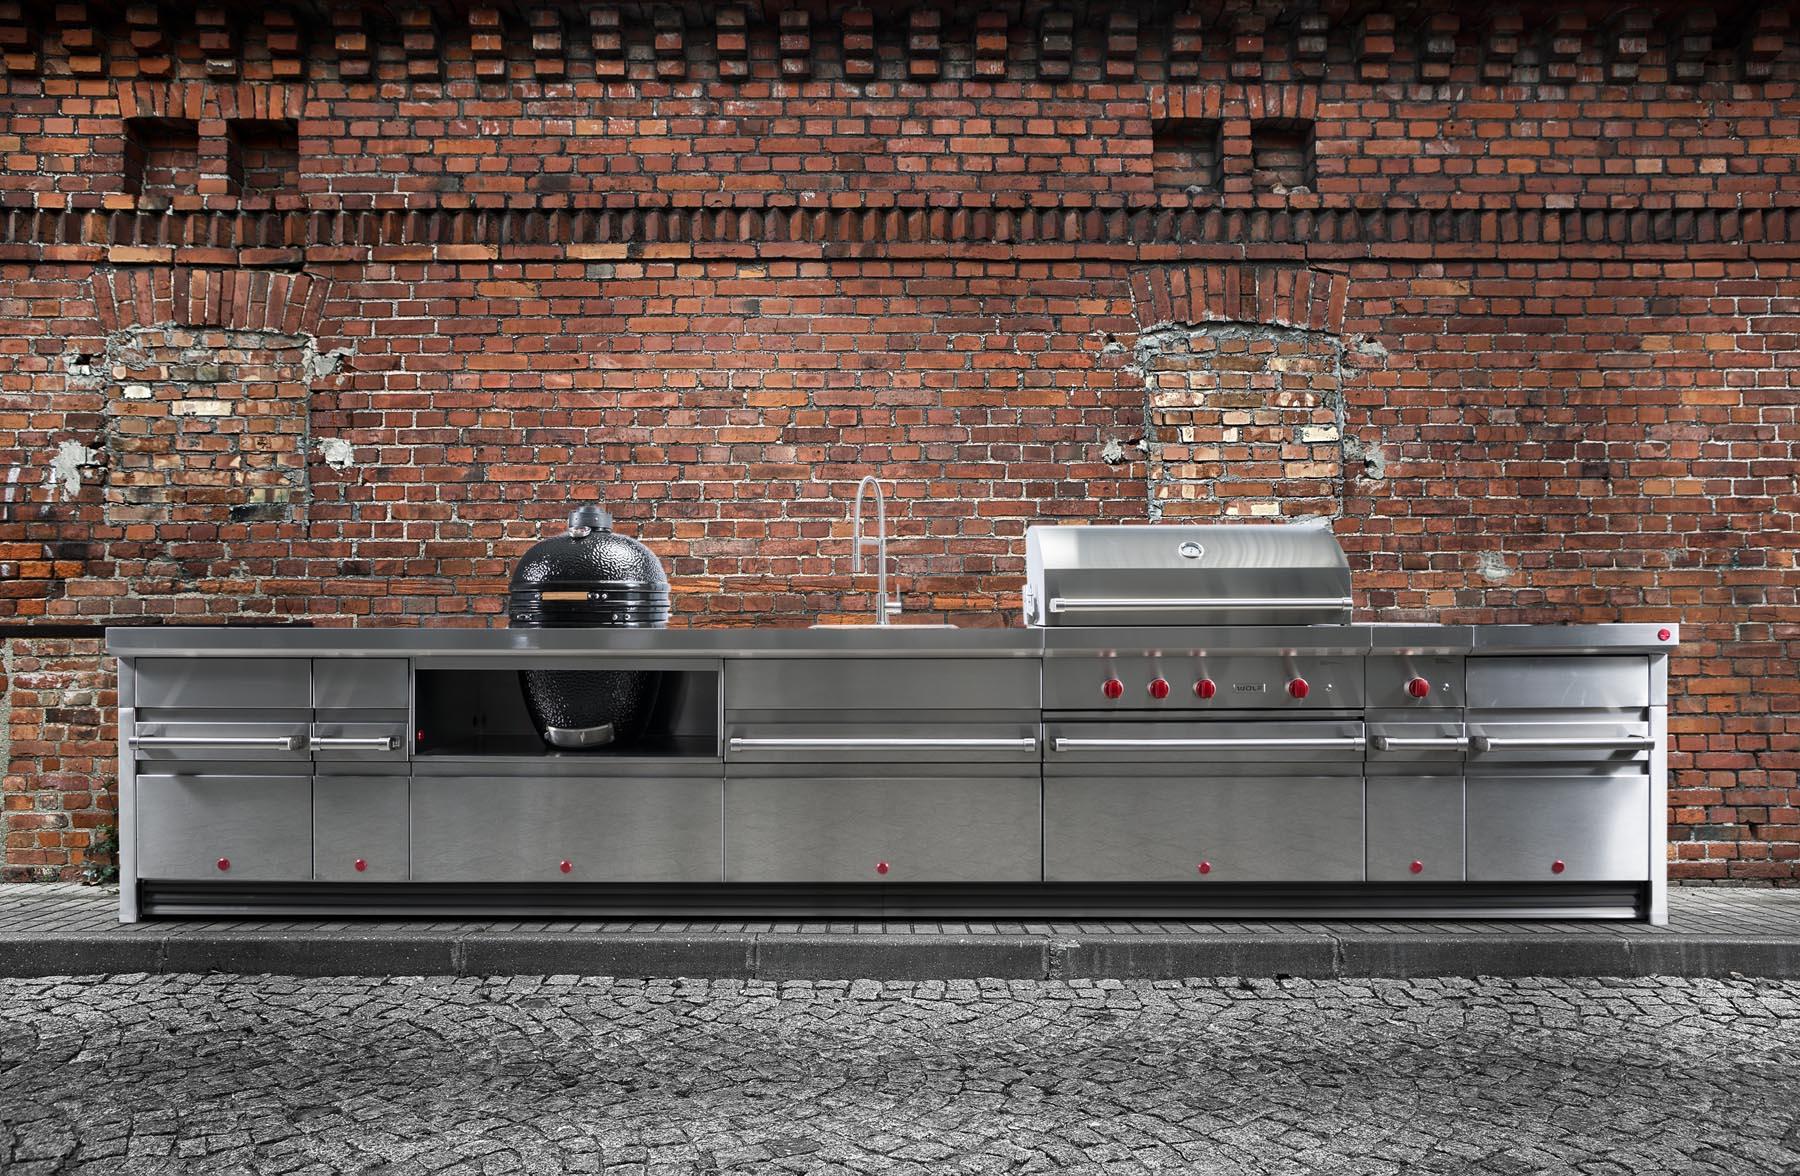 Impression Wolfoutdoorkitchencom - Red stone outdoor kitchen